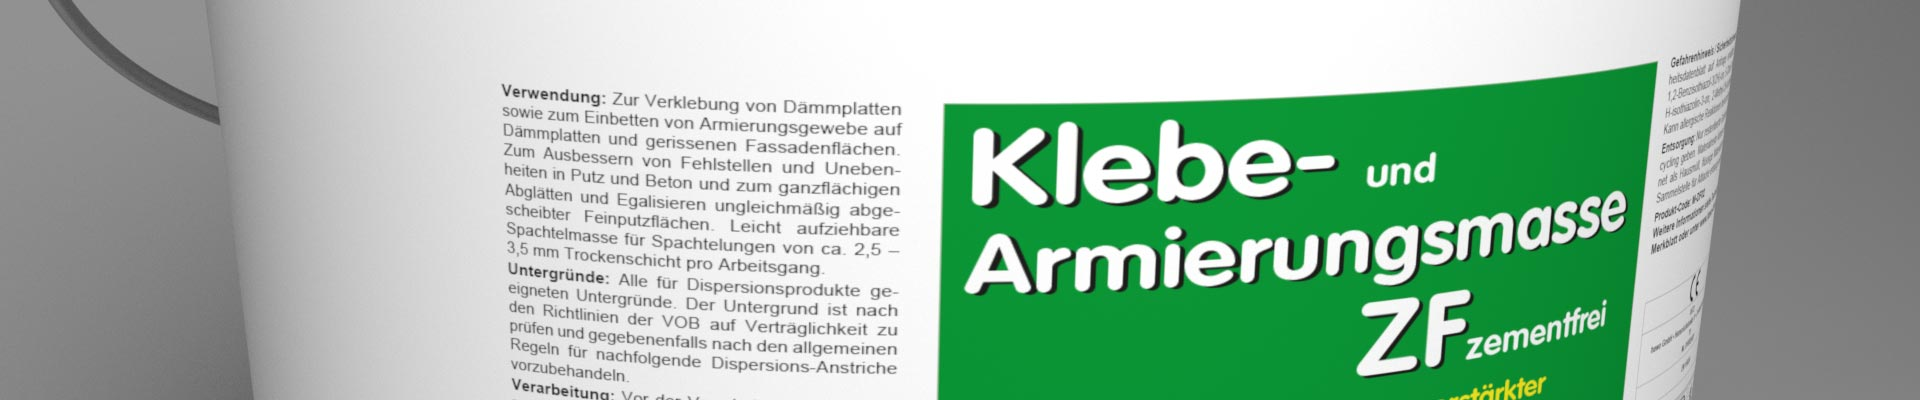 hawo Klebe- und Armierungsmasse ZF zementfrei Banner